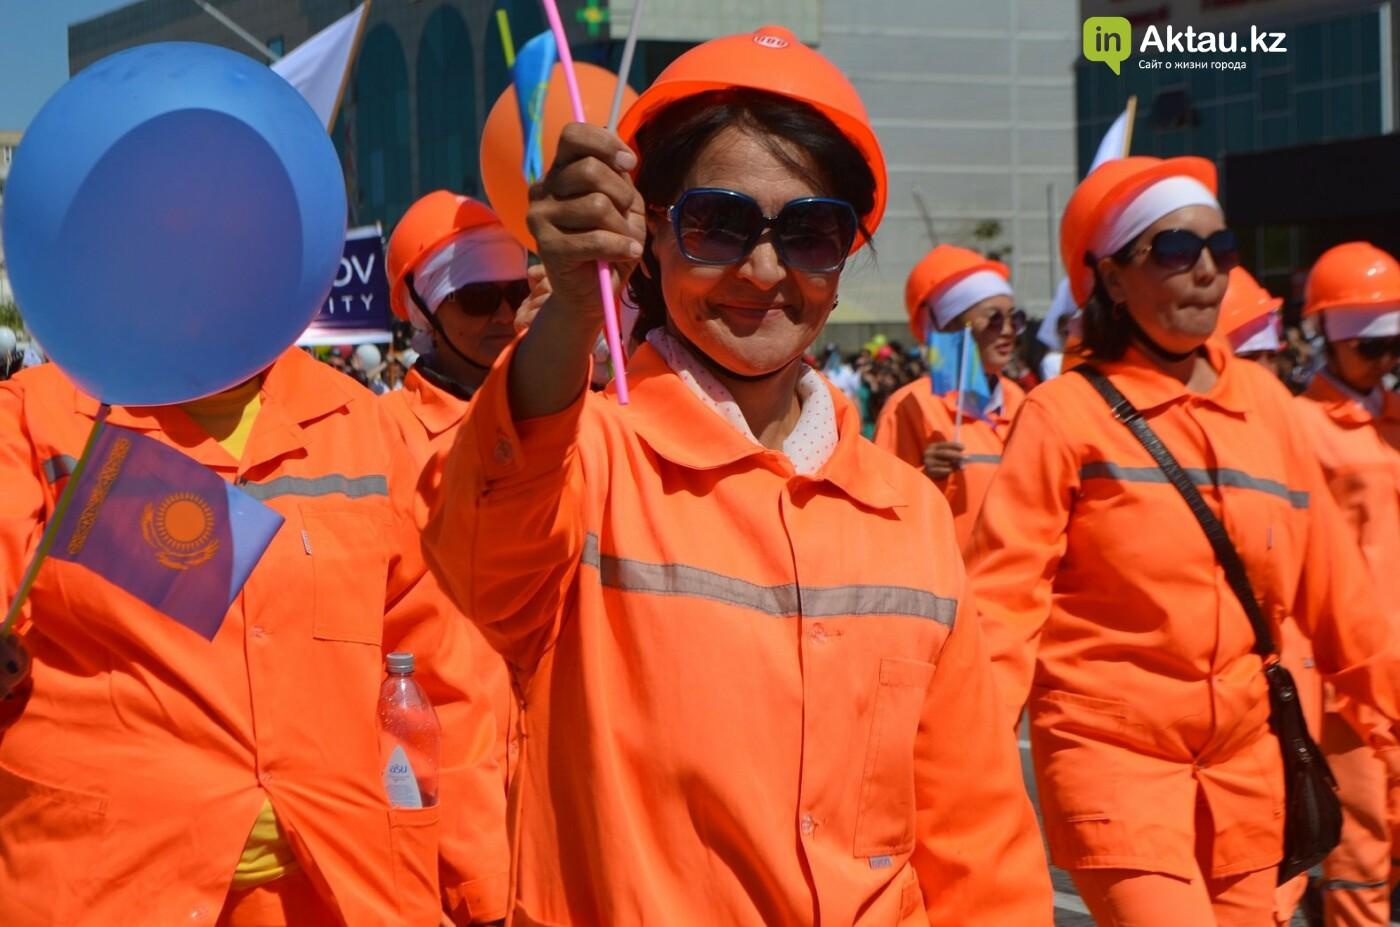 Как в Актау отметили День единства народов (ФОТО), фото-1